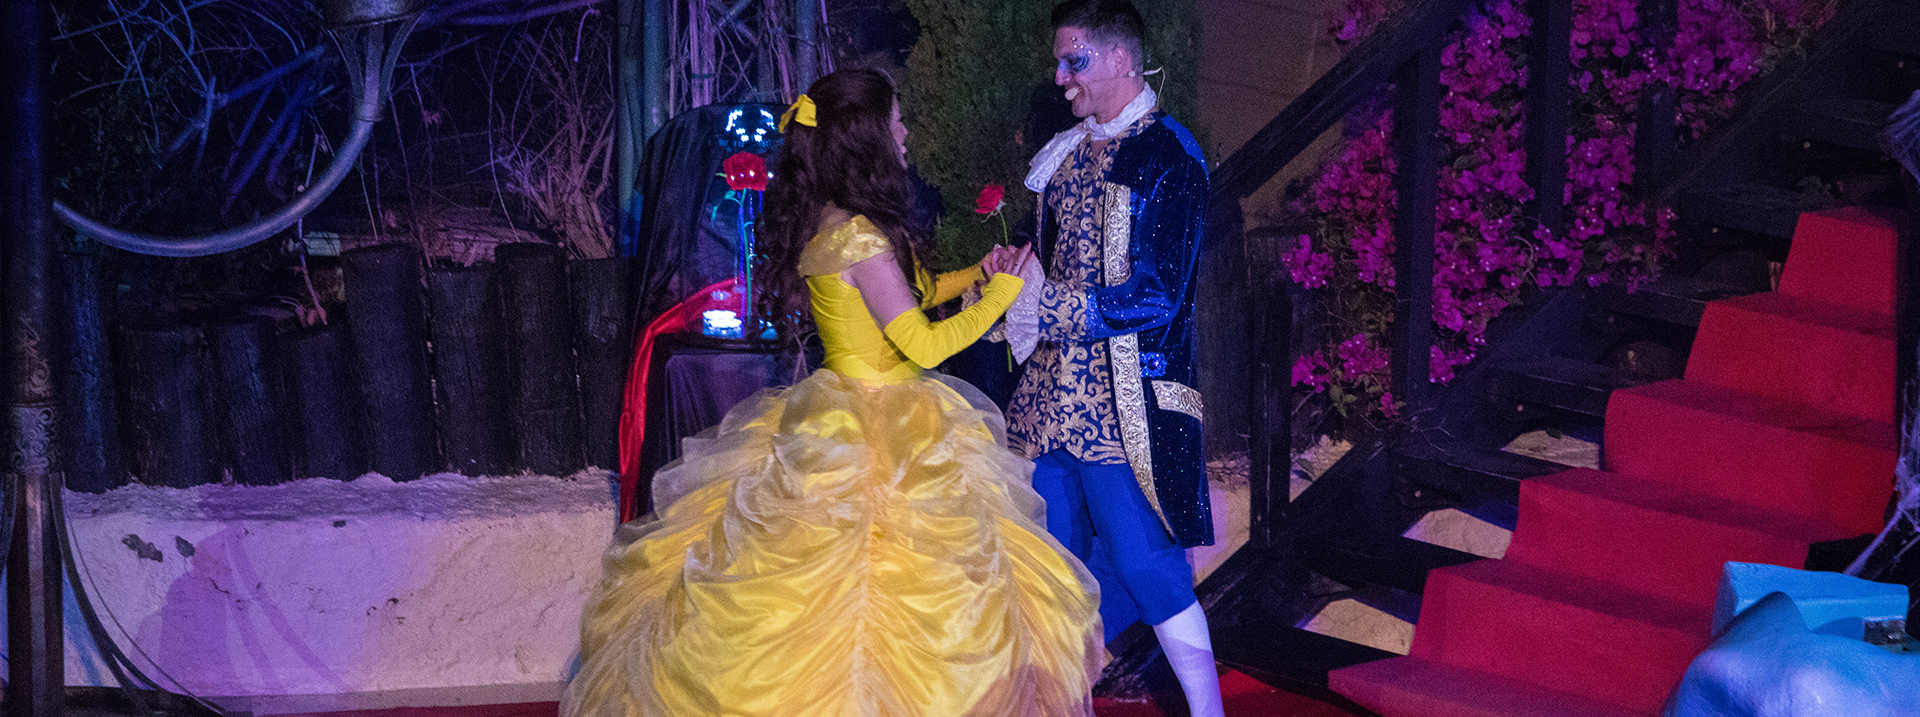 La Bella y la Bestia show Mundomar para Halloween